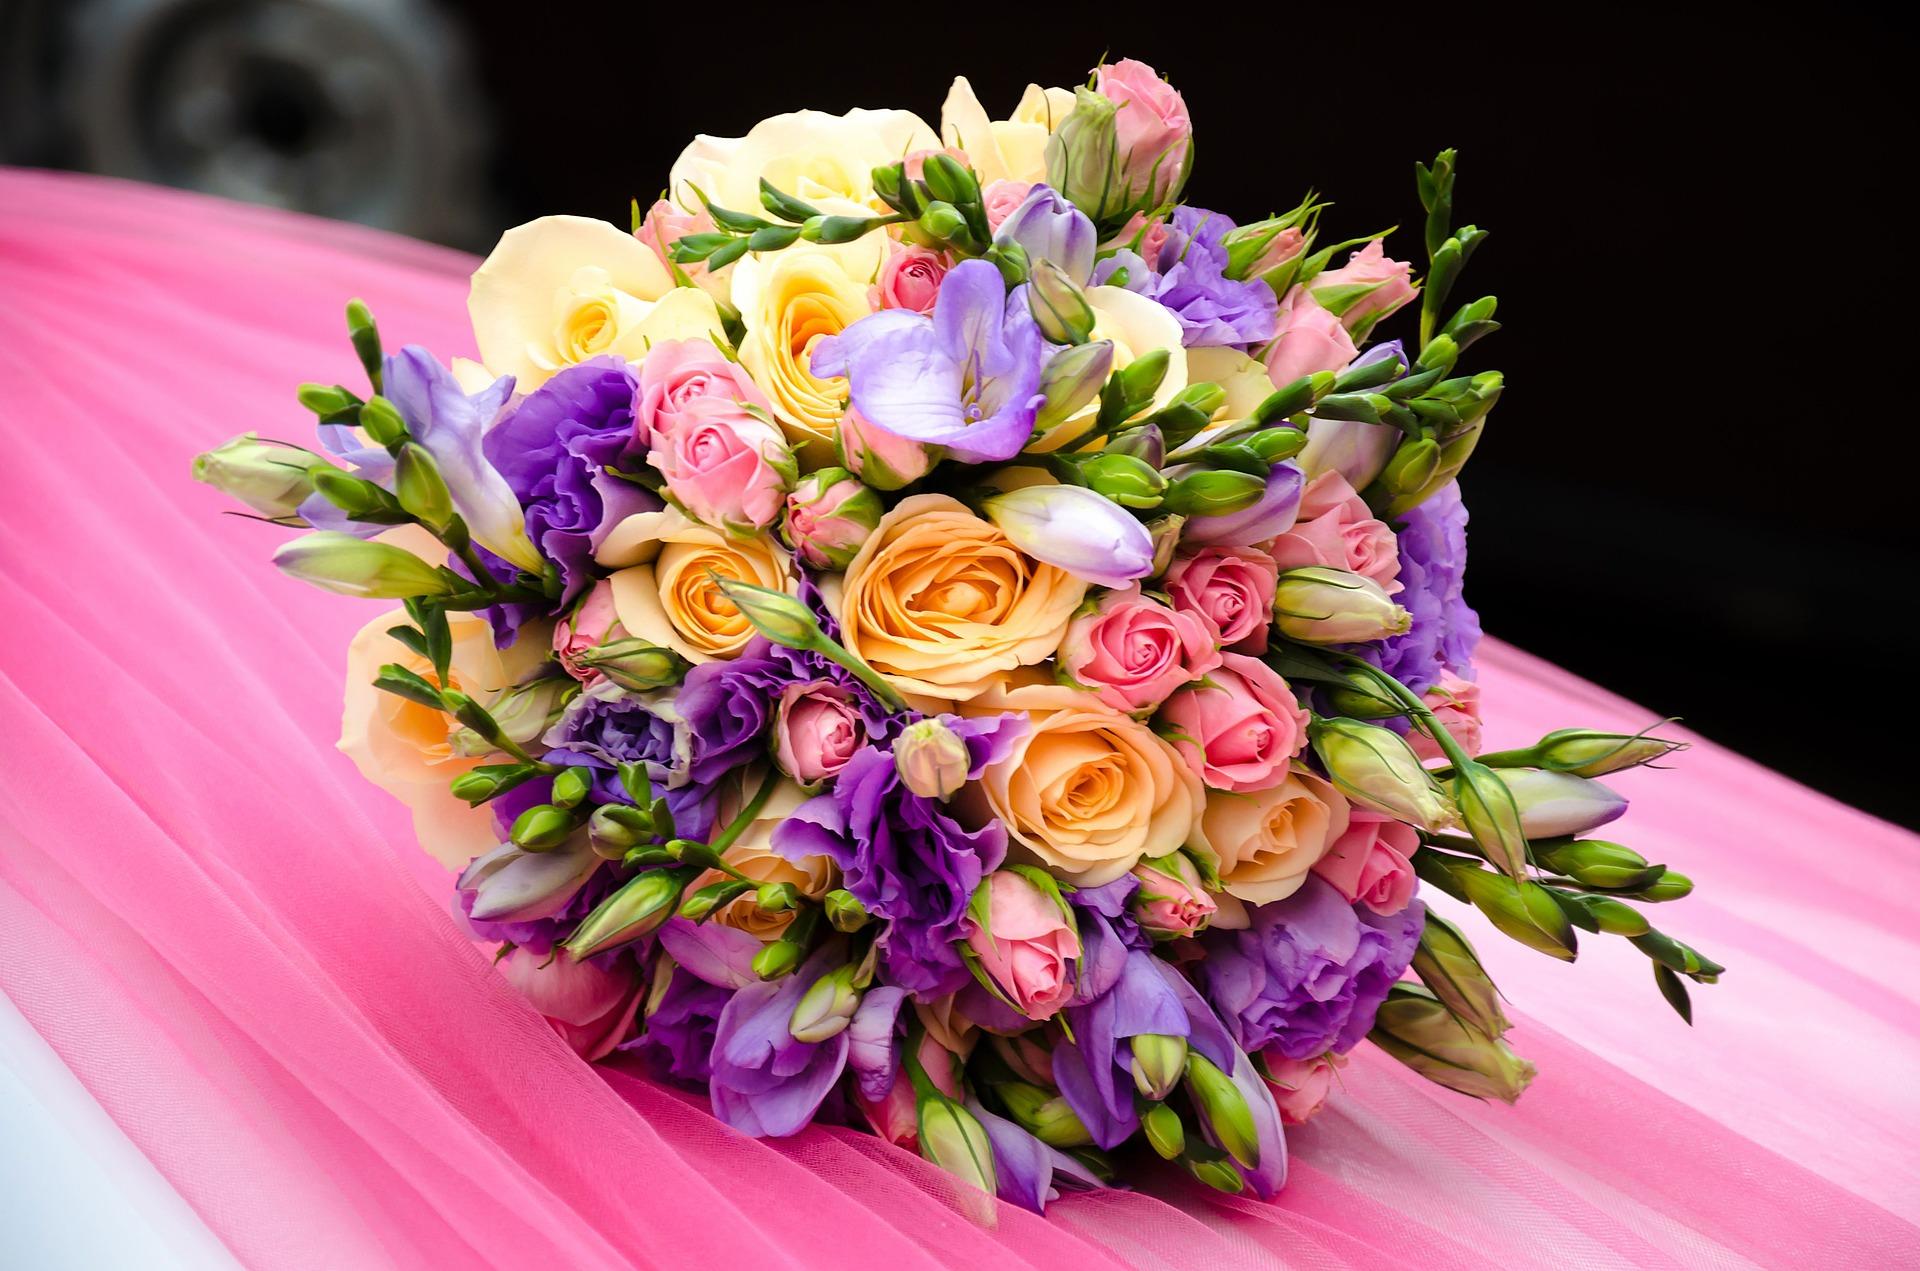 بالصور اجمل بوكيه ورد فى الدنيا , صور الورد روعة 3495 6